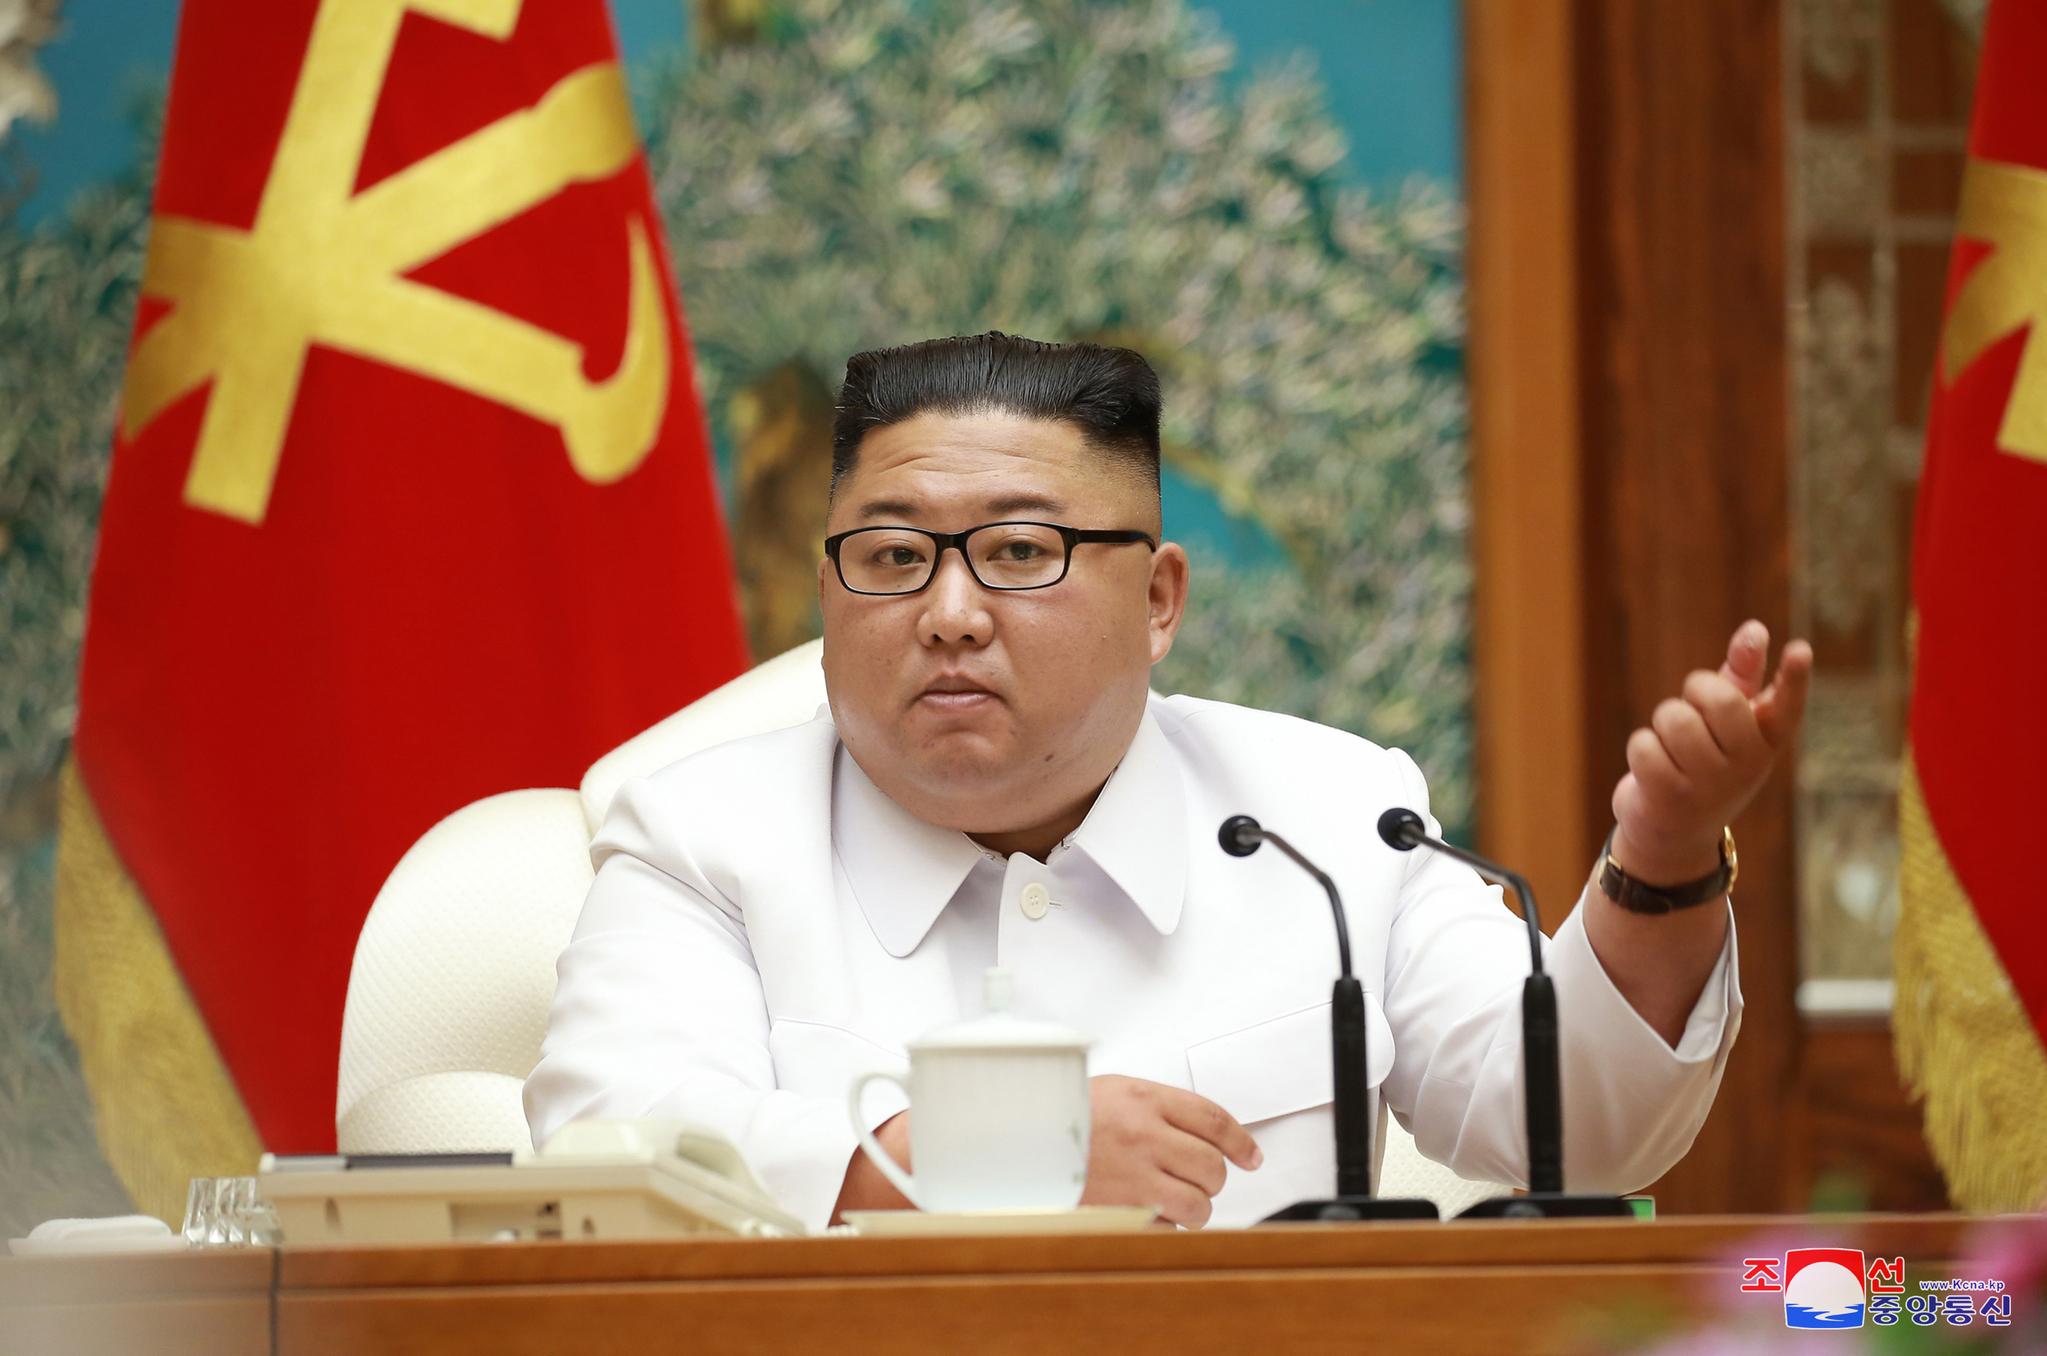 김정은 북한 국무위원장. 조선중앙통신=연합뉴스